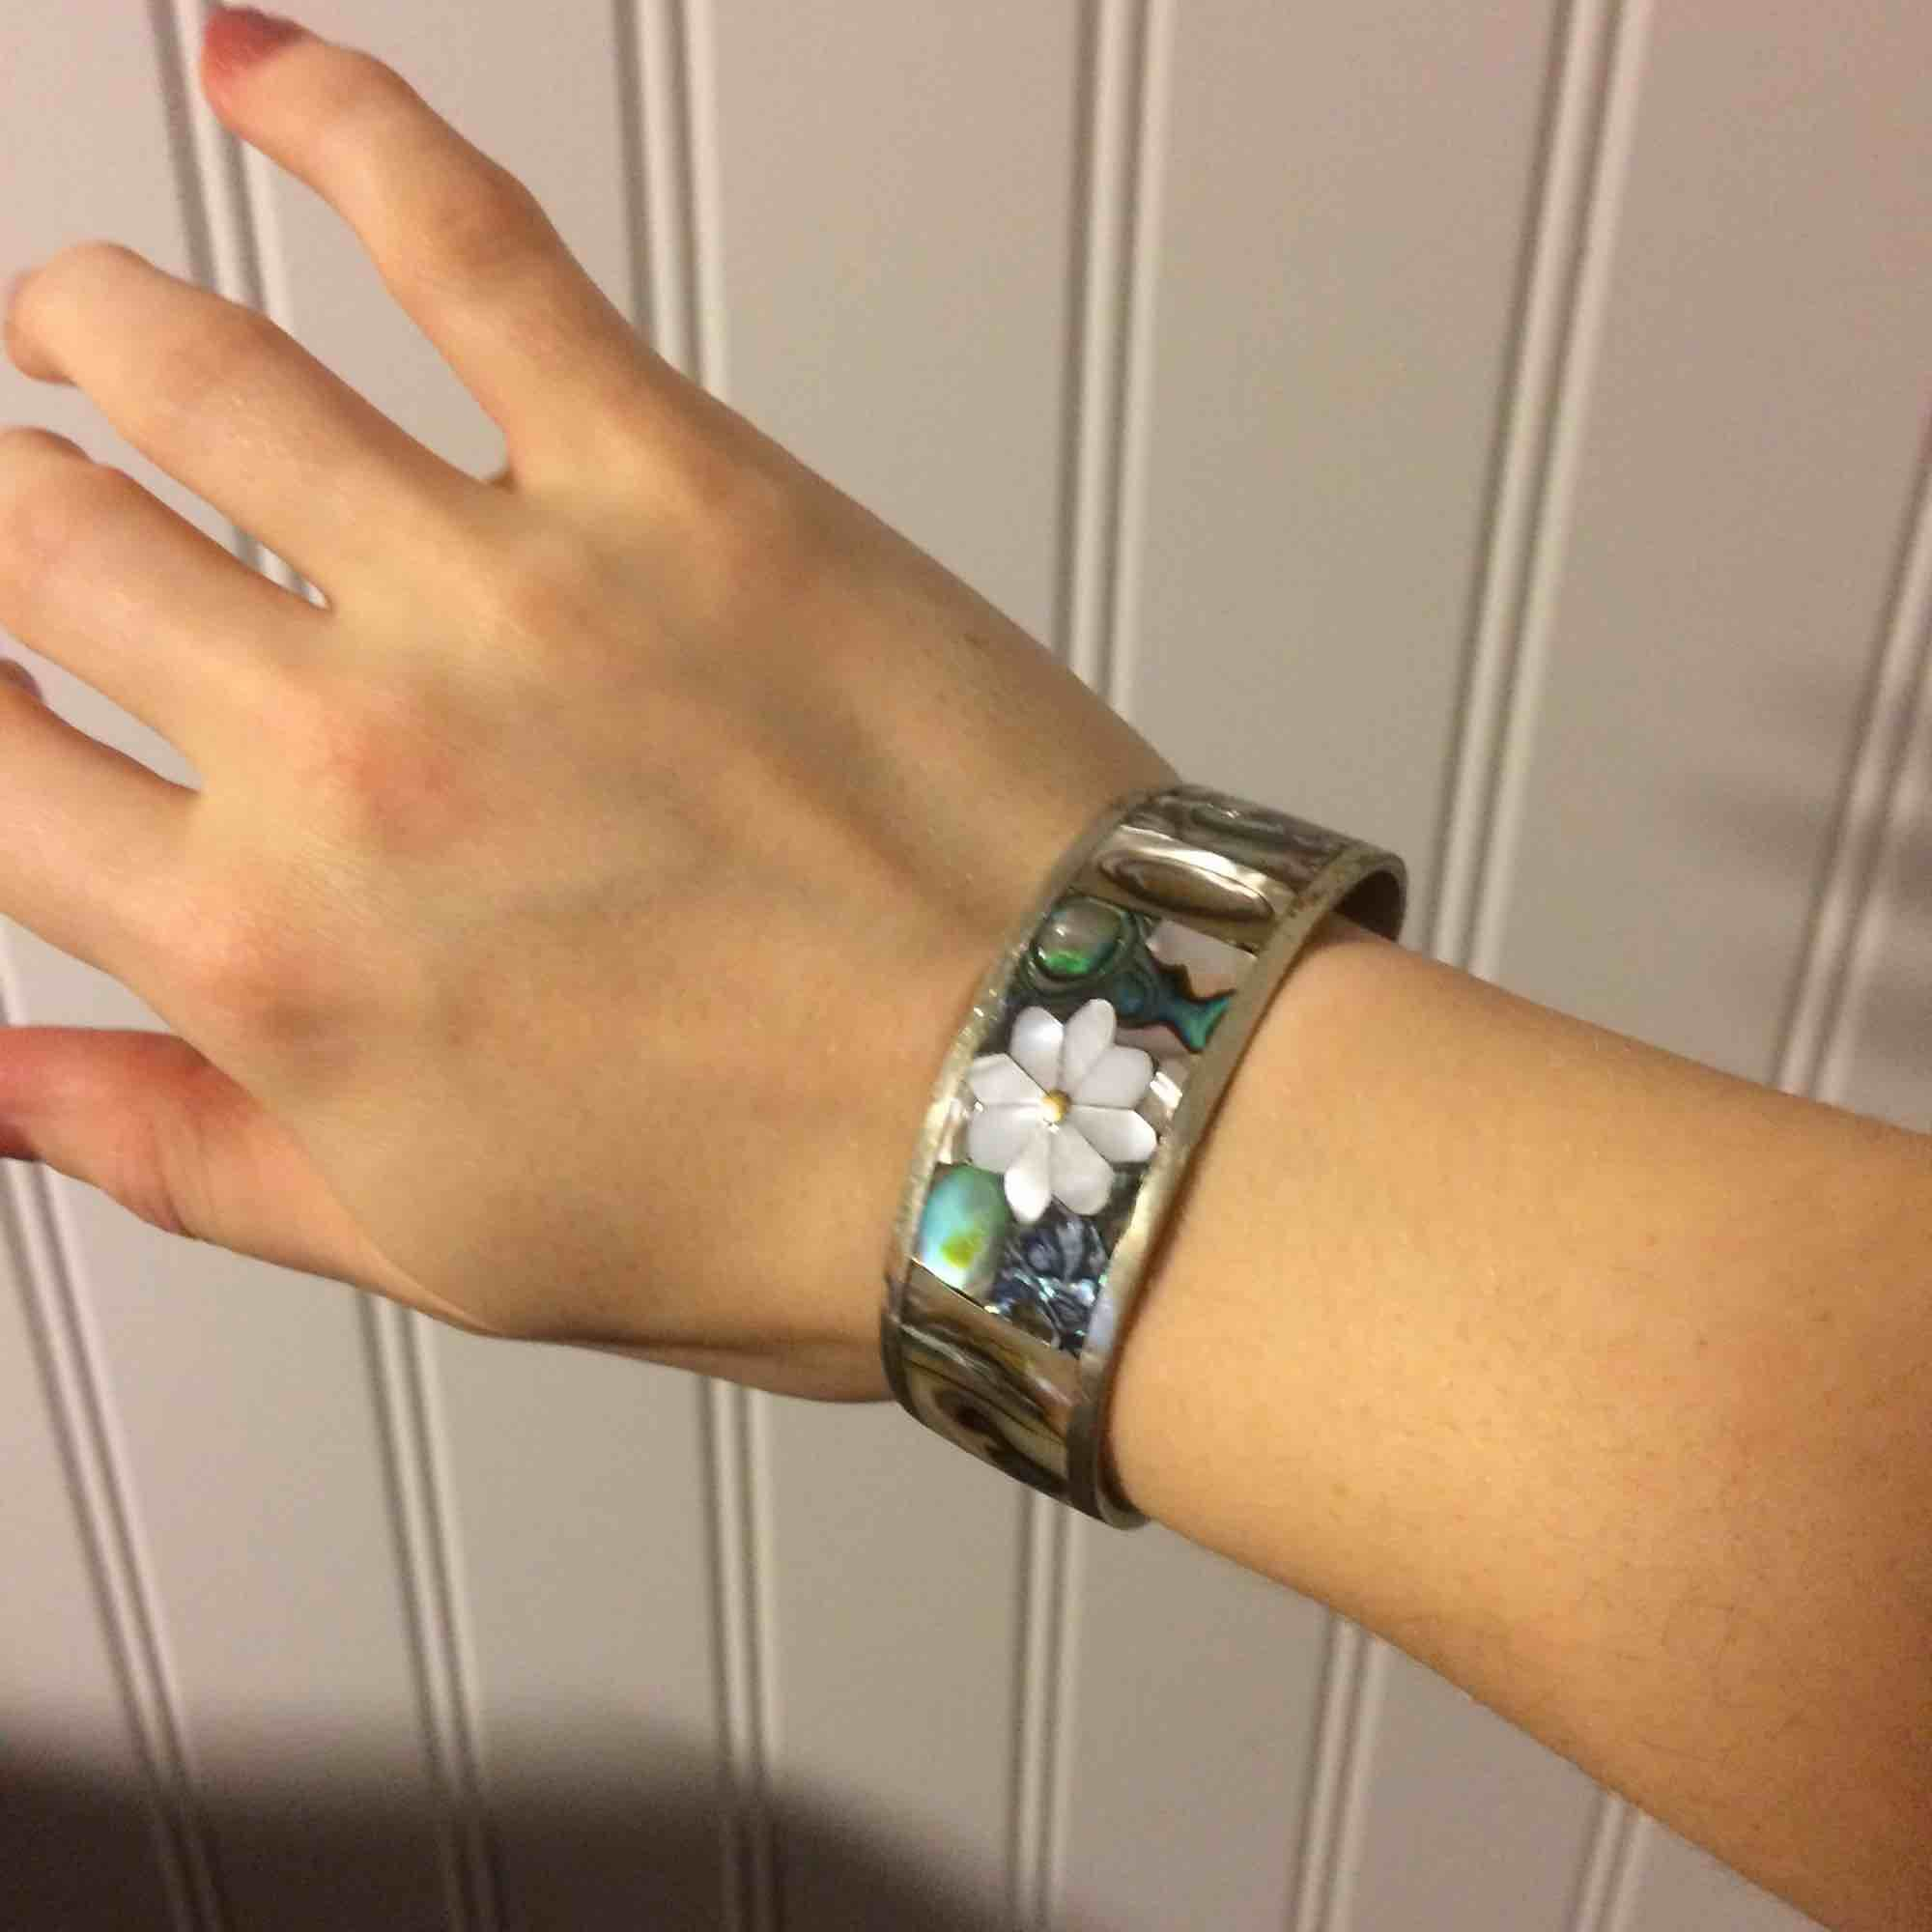 Armband i silver/pärlemo som jag fått som barn. Använt 2 ggr. Superfint o går att justera lite men rätt stelt annars. Till för smala handleder. Accessoarer.